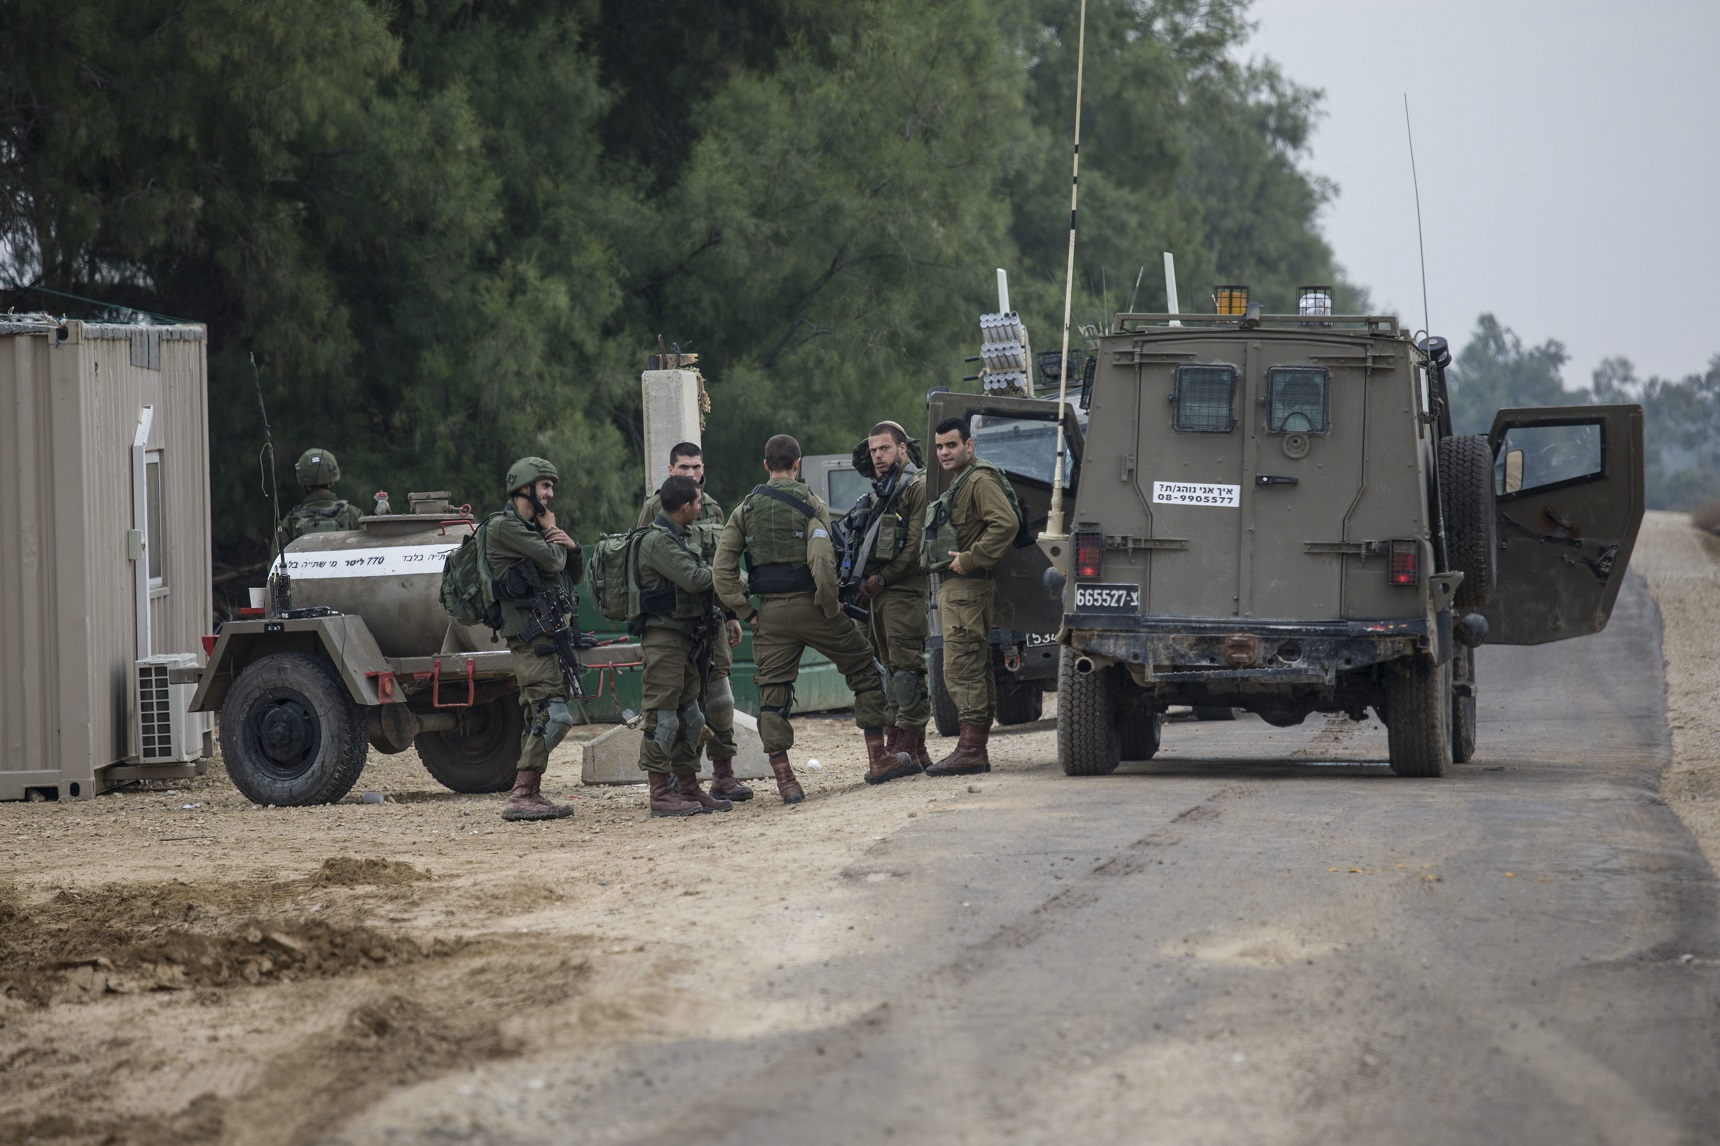 以色列军和巴勒斯坦武装分子昨日深夜爆发新一轮冲突,酿8死7伤。